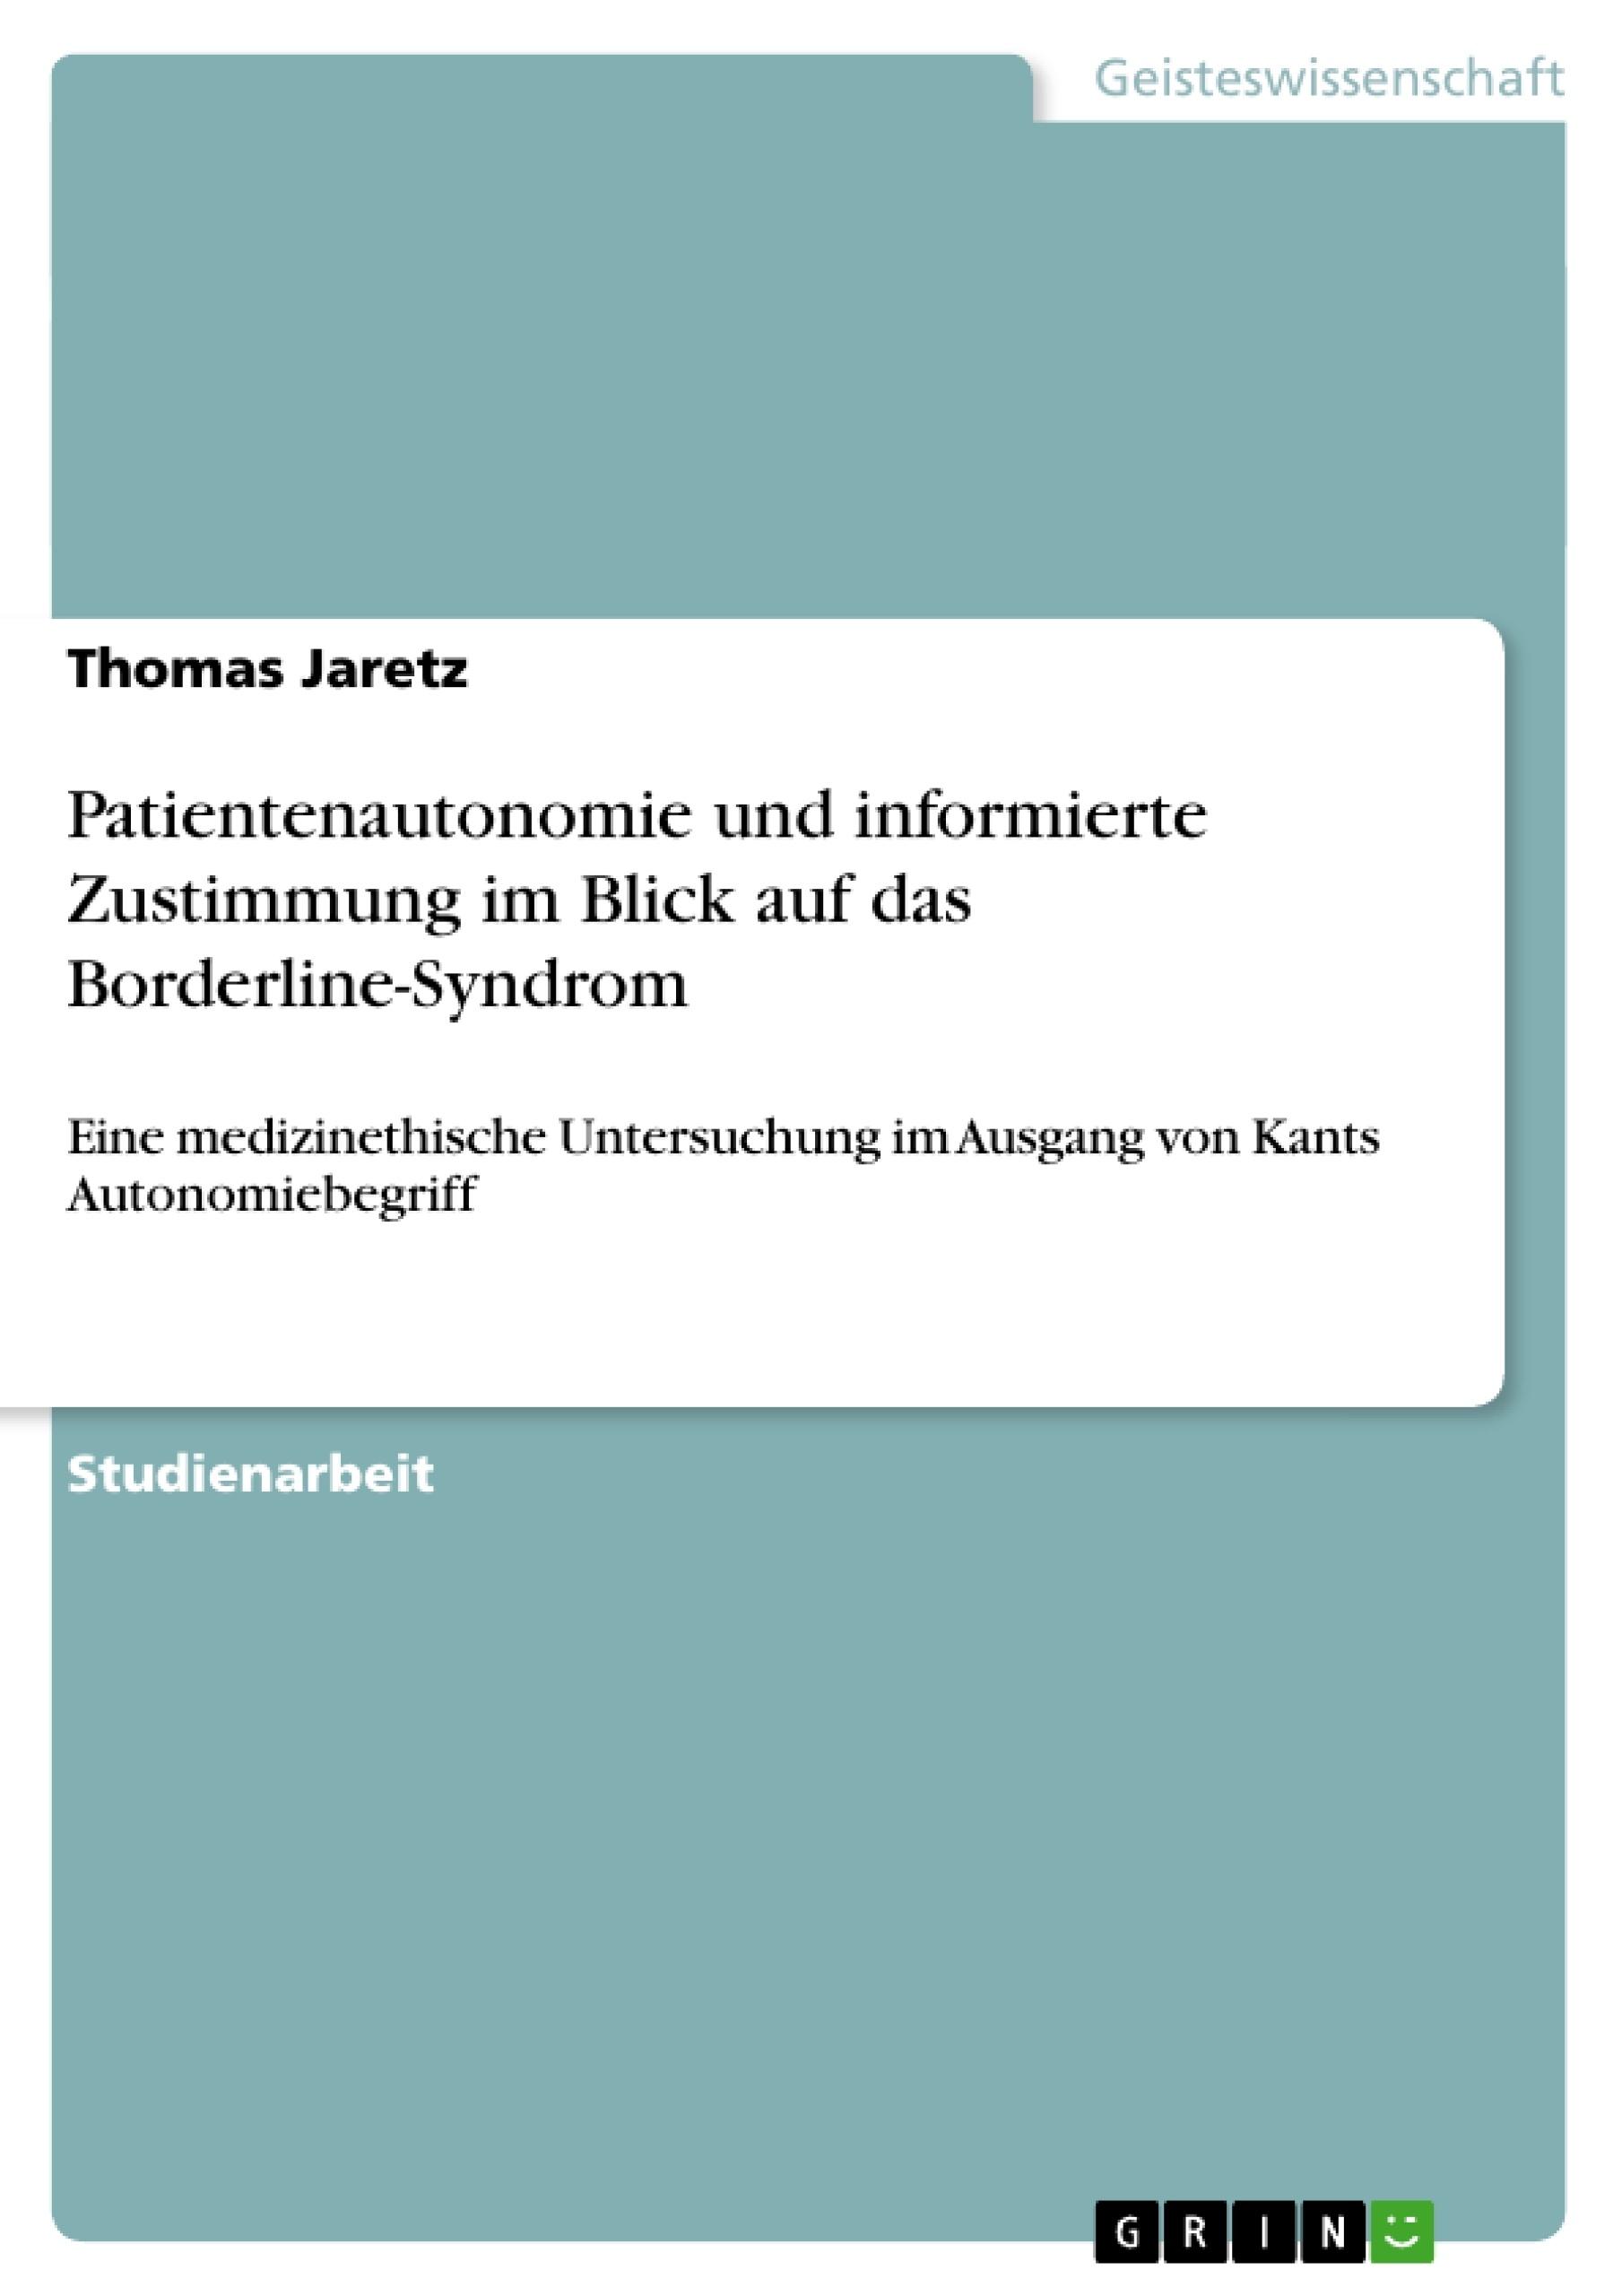 Titel: Patientenautonomie und informierte Zustimmung im Blick auf das Borderline-Syndrom